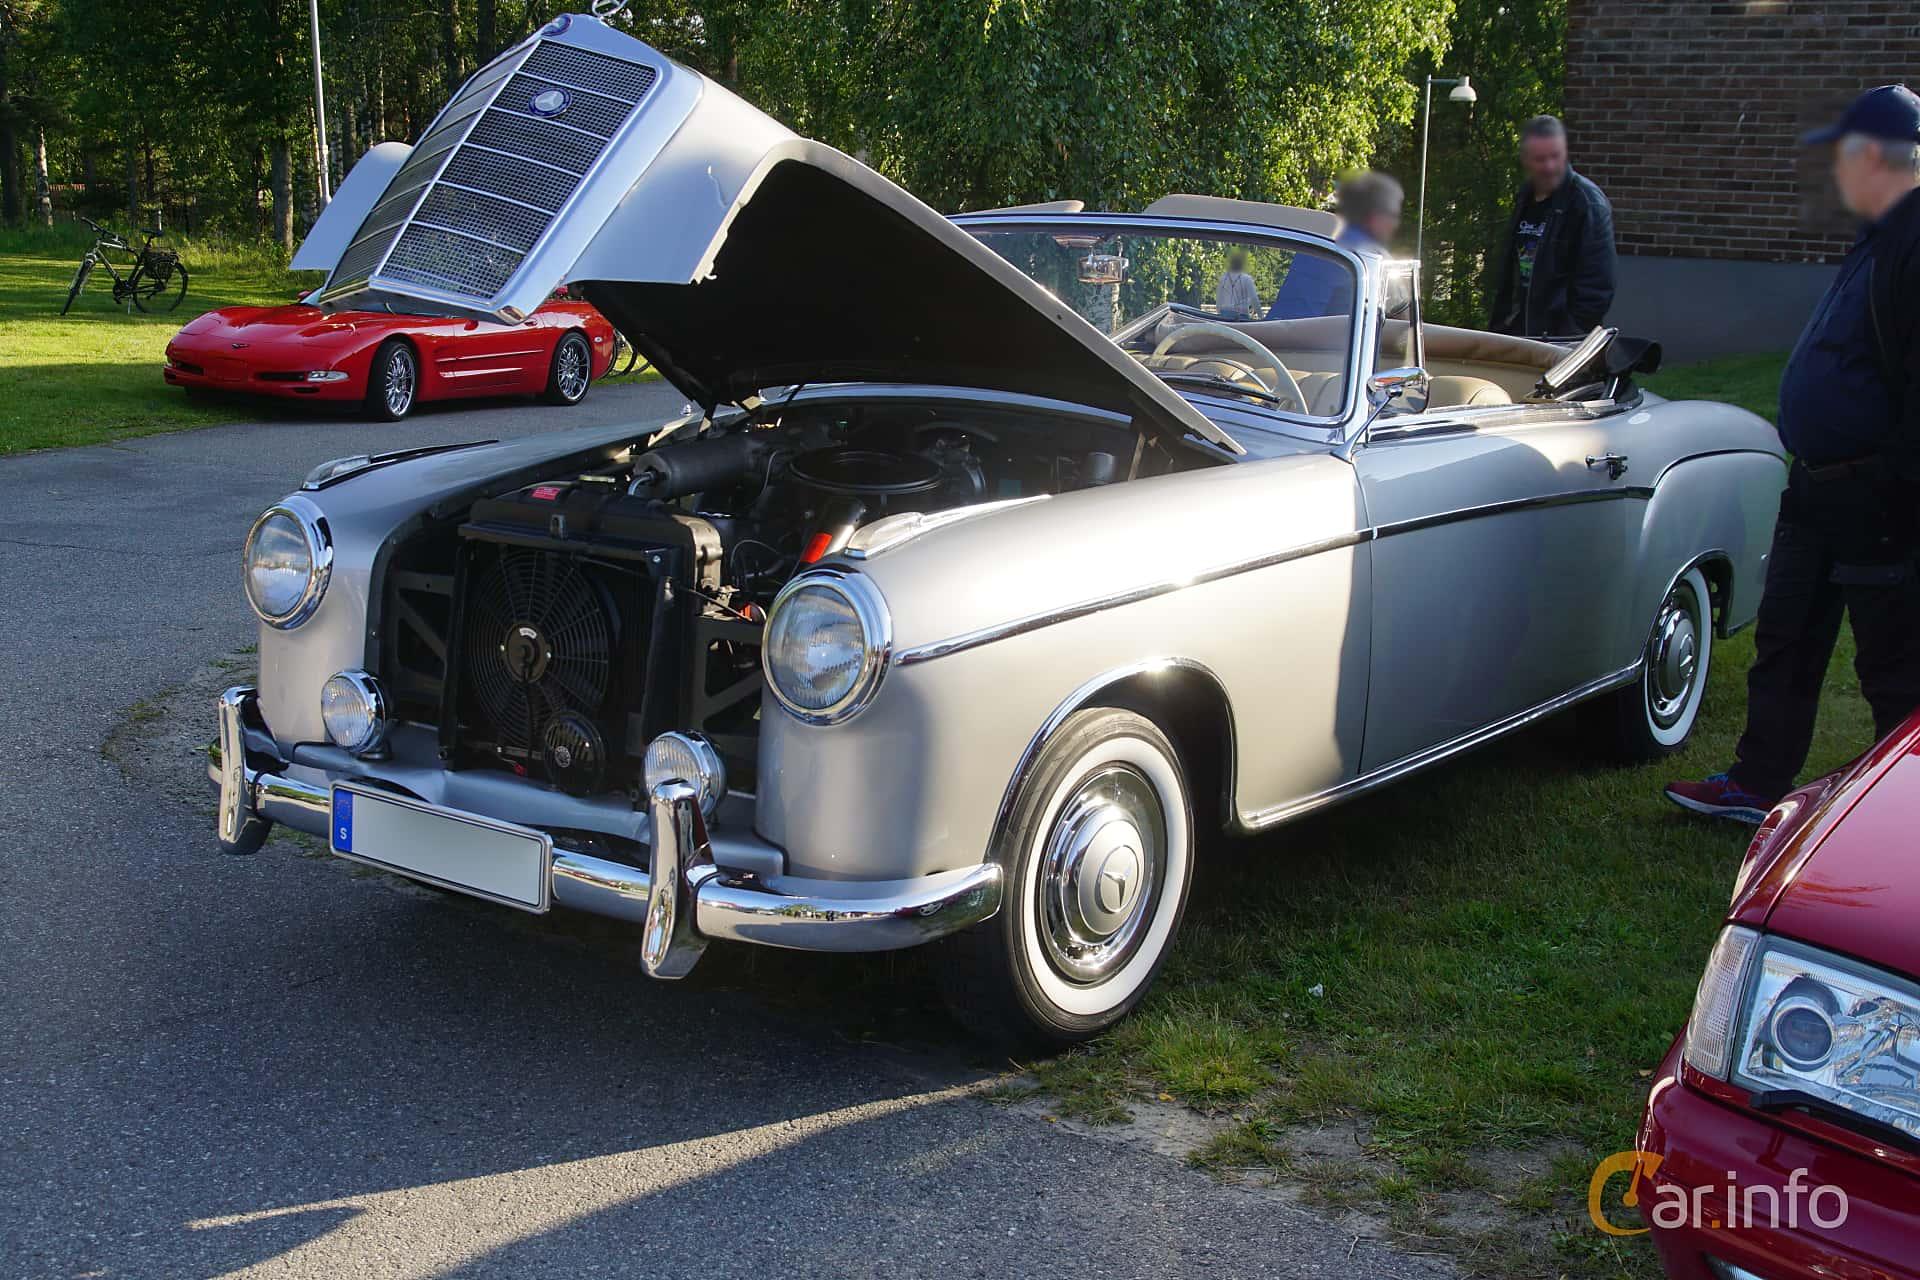 Mercedes-Benz 220 SE Cabriolet  Manual, 115hp, 1959 at Onsdagsträffar på Gammlia Umeå 2019 vecka 28